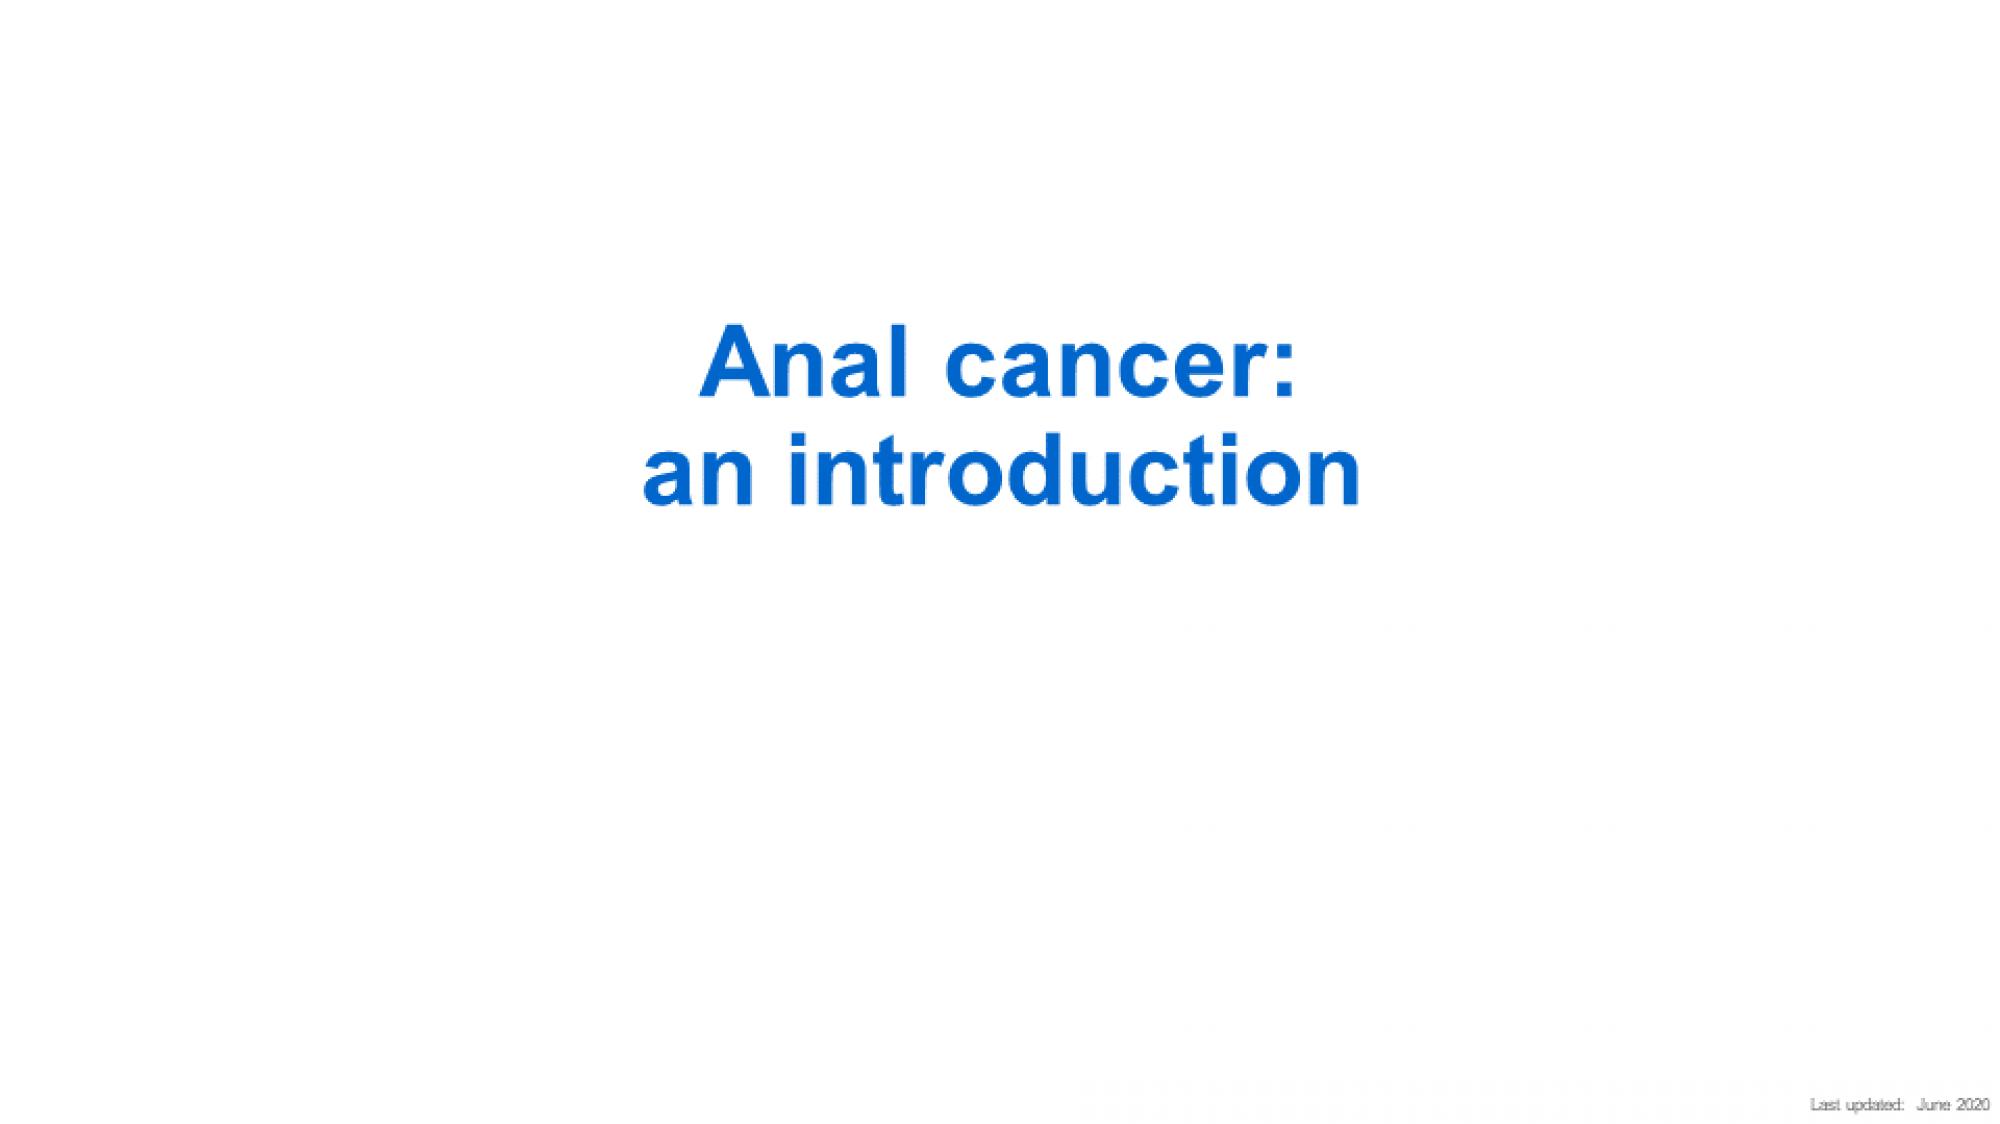 Anal cancer slide-1